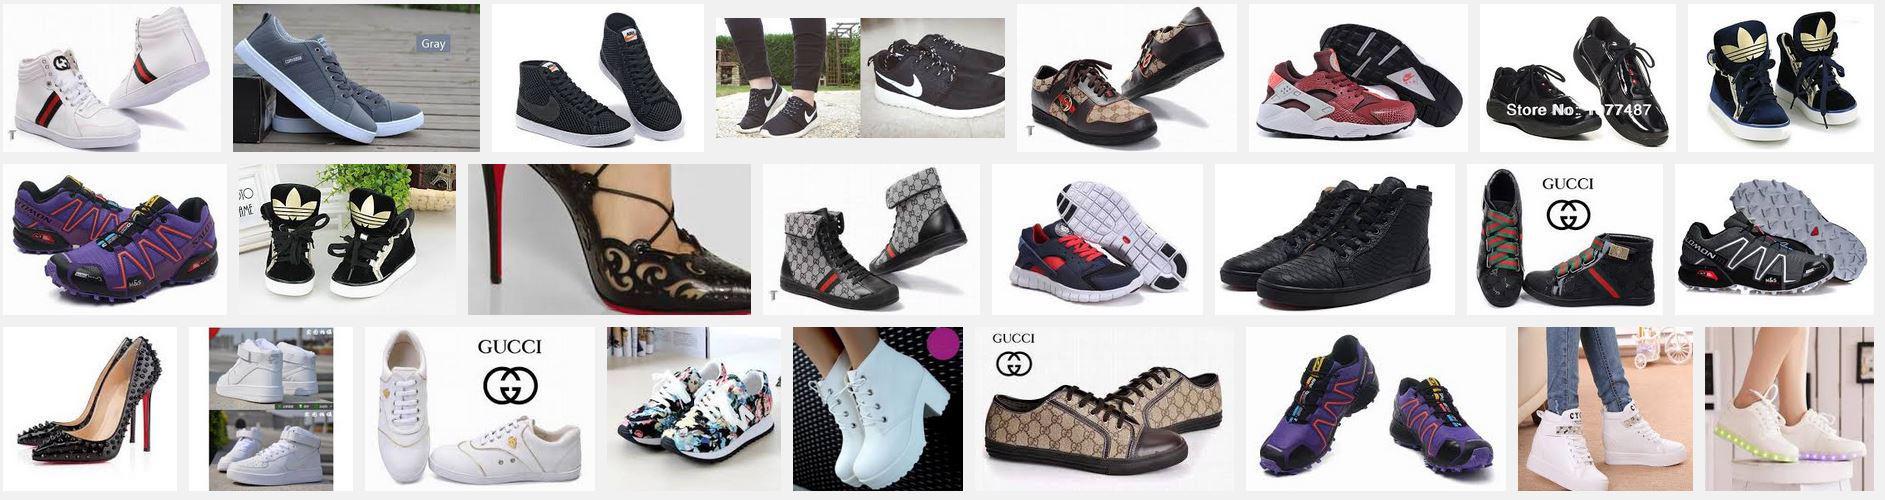 Les Marque Chaussures De Sur Mon Avis Aliexpress Chaussure j4q5A3RL